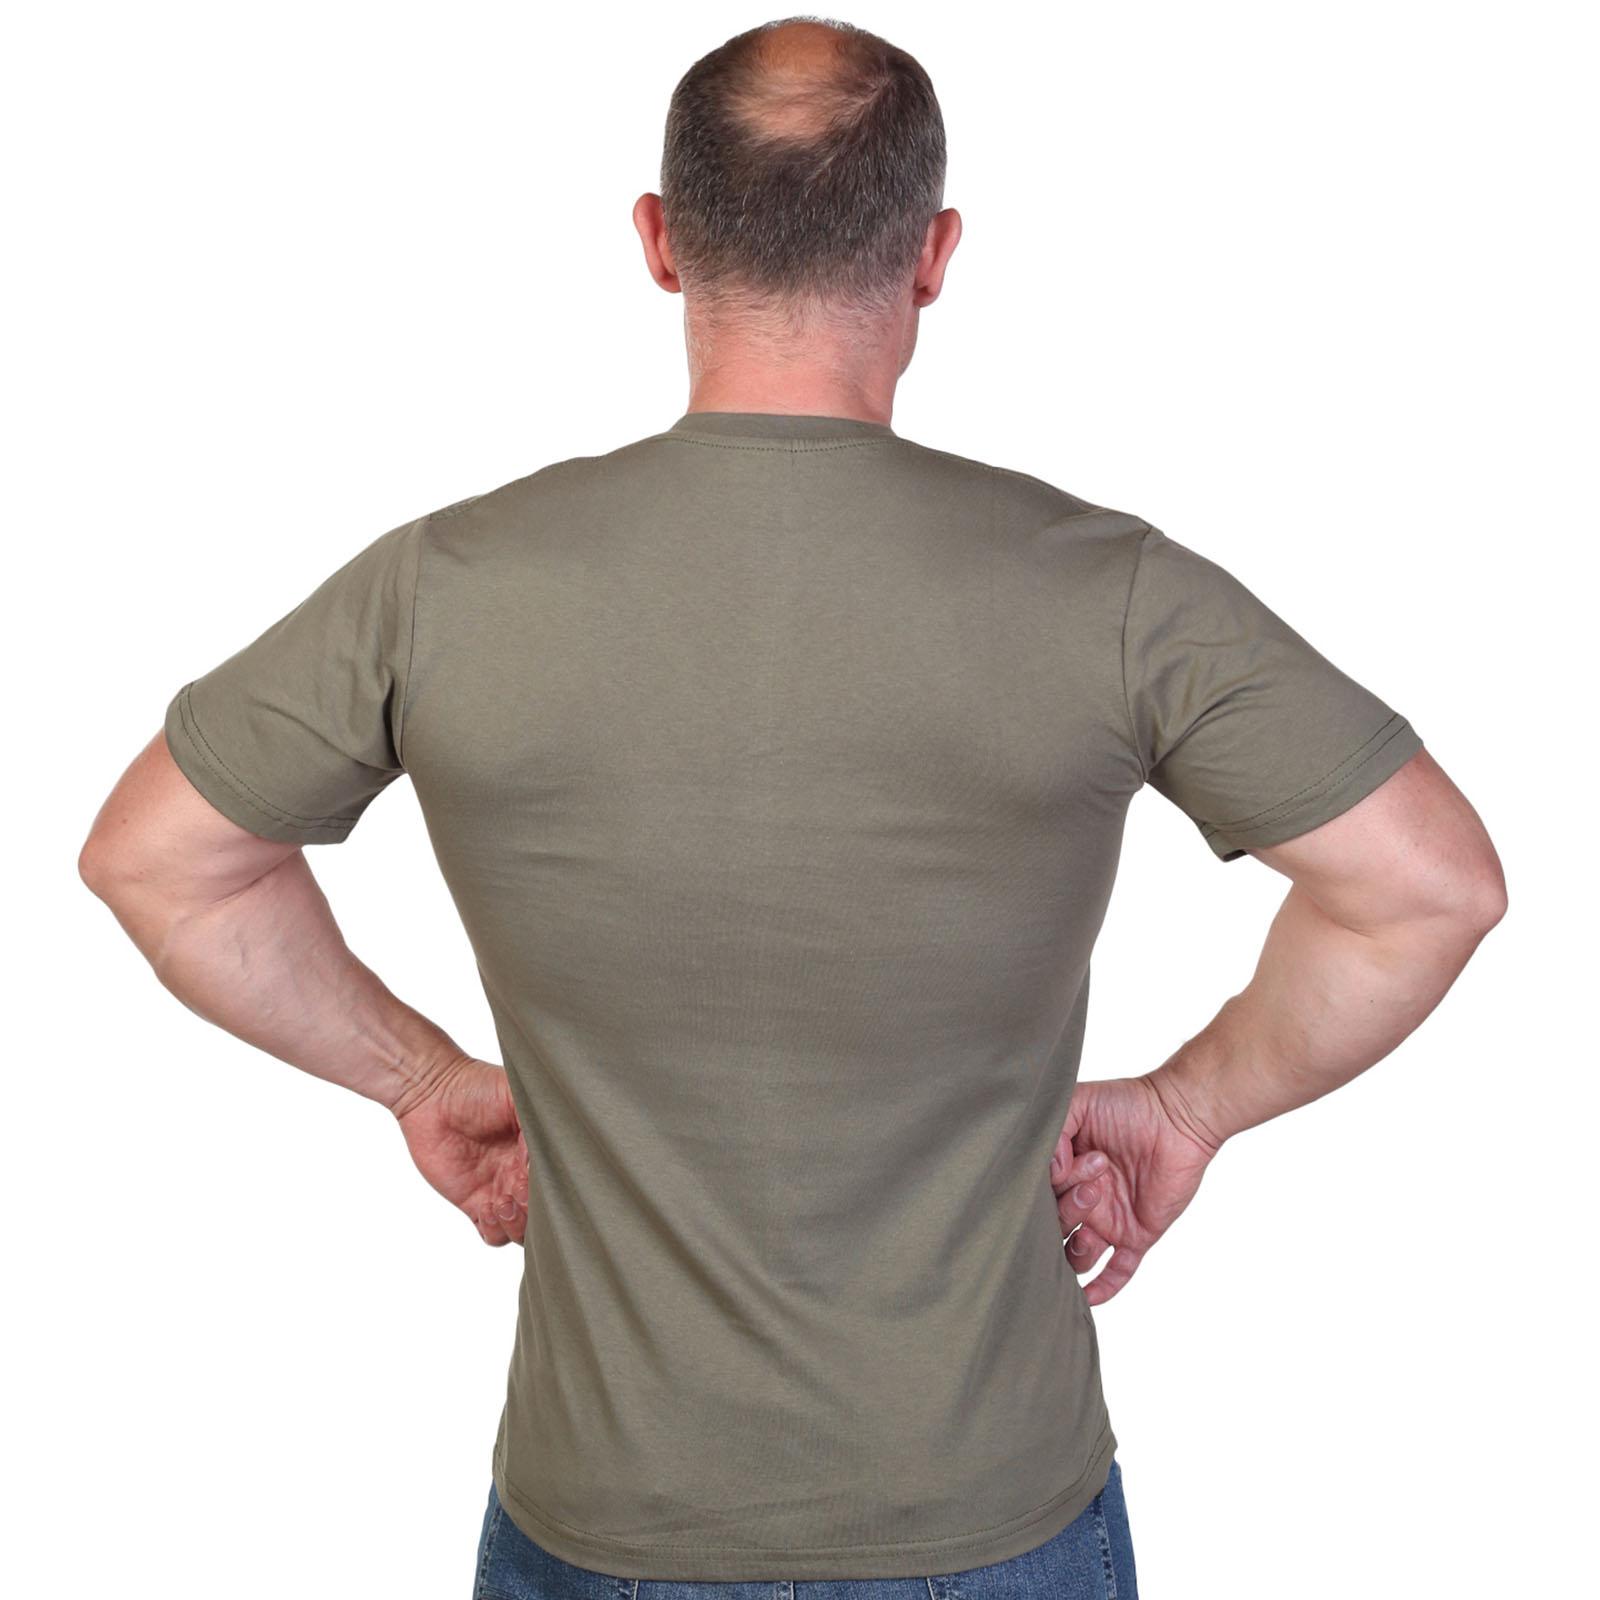 Уставные футболки из натурального хлопка